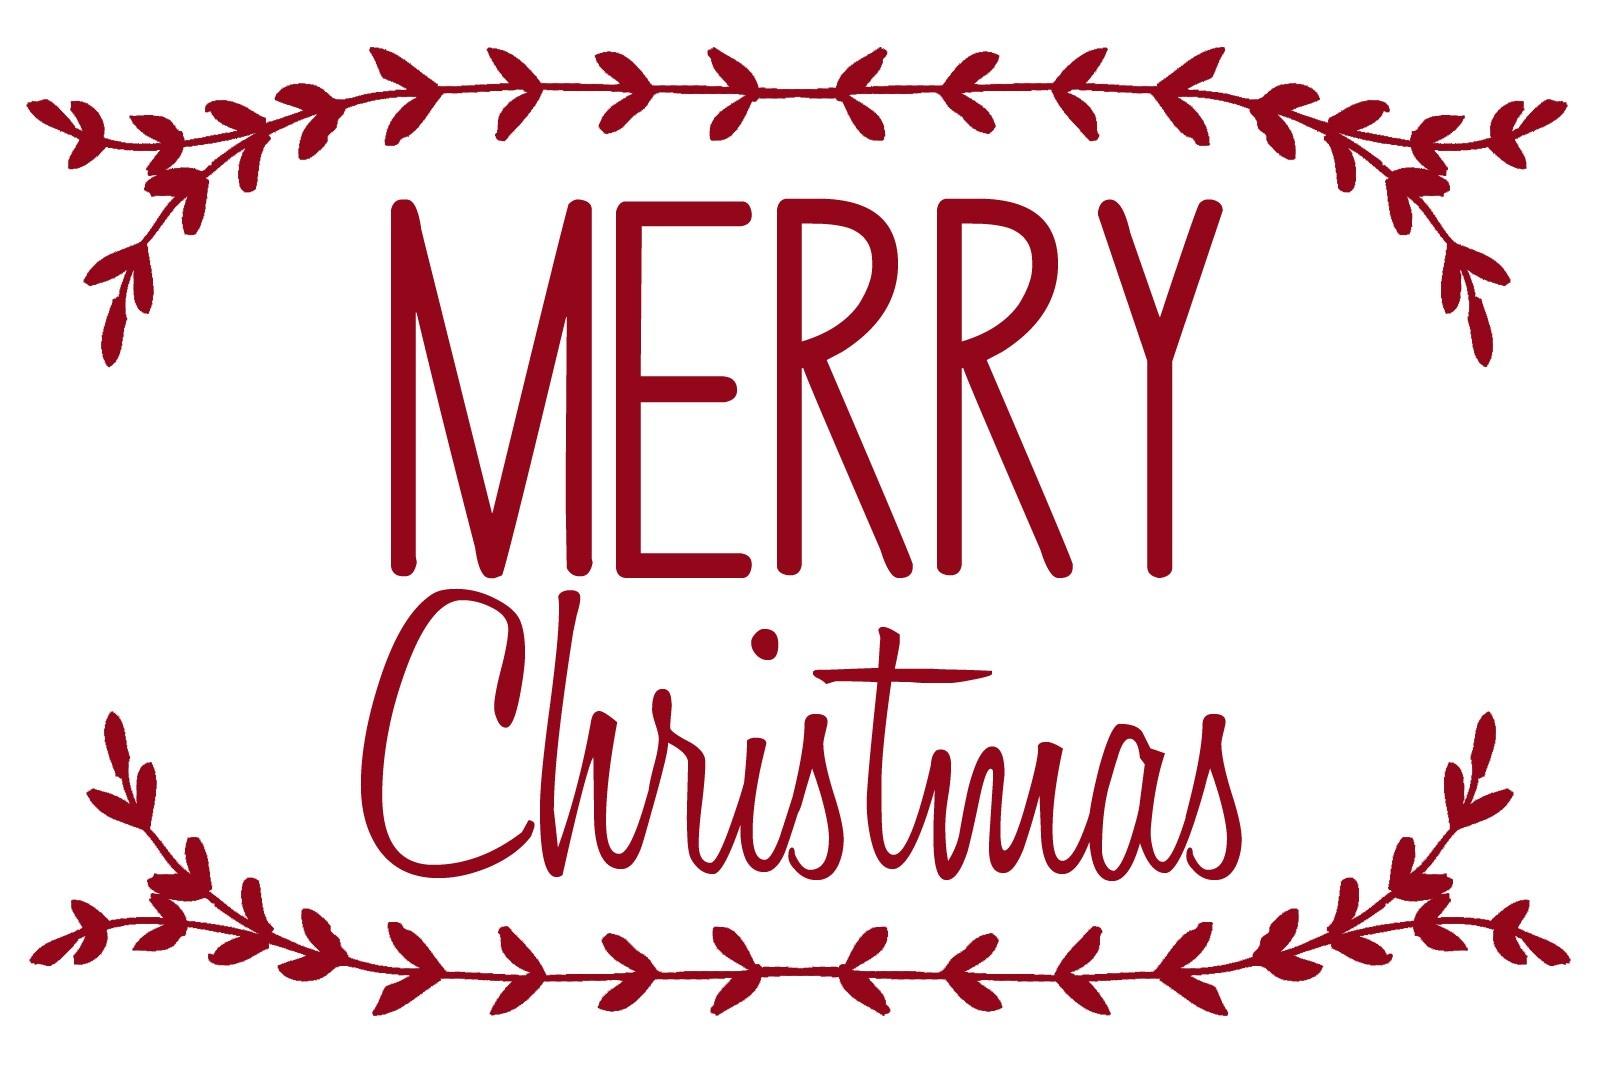 Merrychristmas 16 Christmas Printable Stencils   Xorforums - Merry Christmas Stencil Free Printable